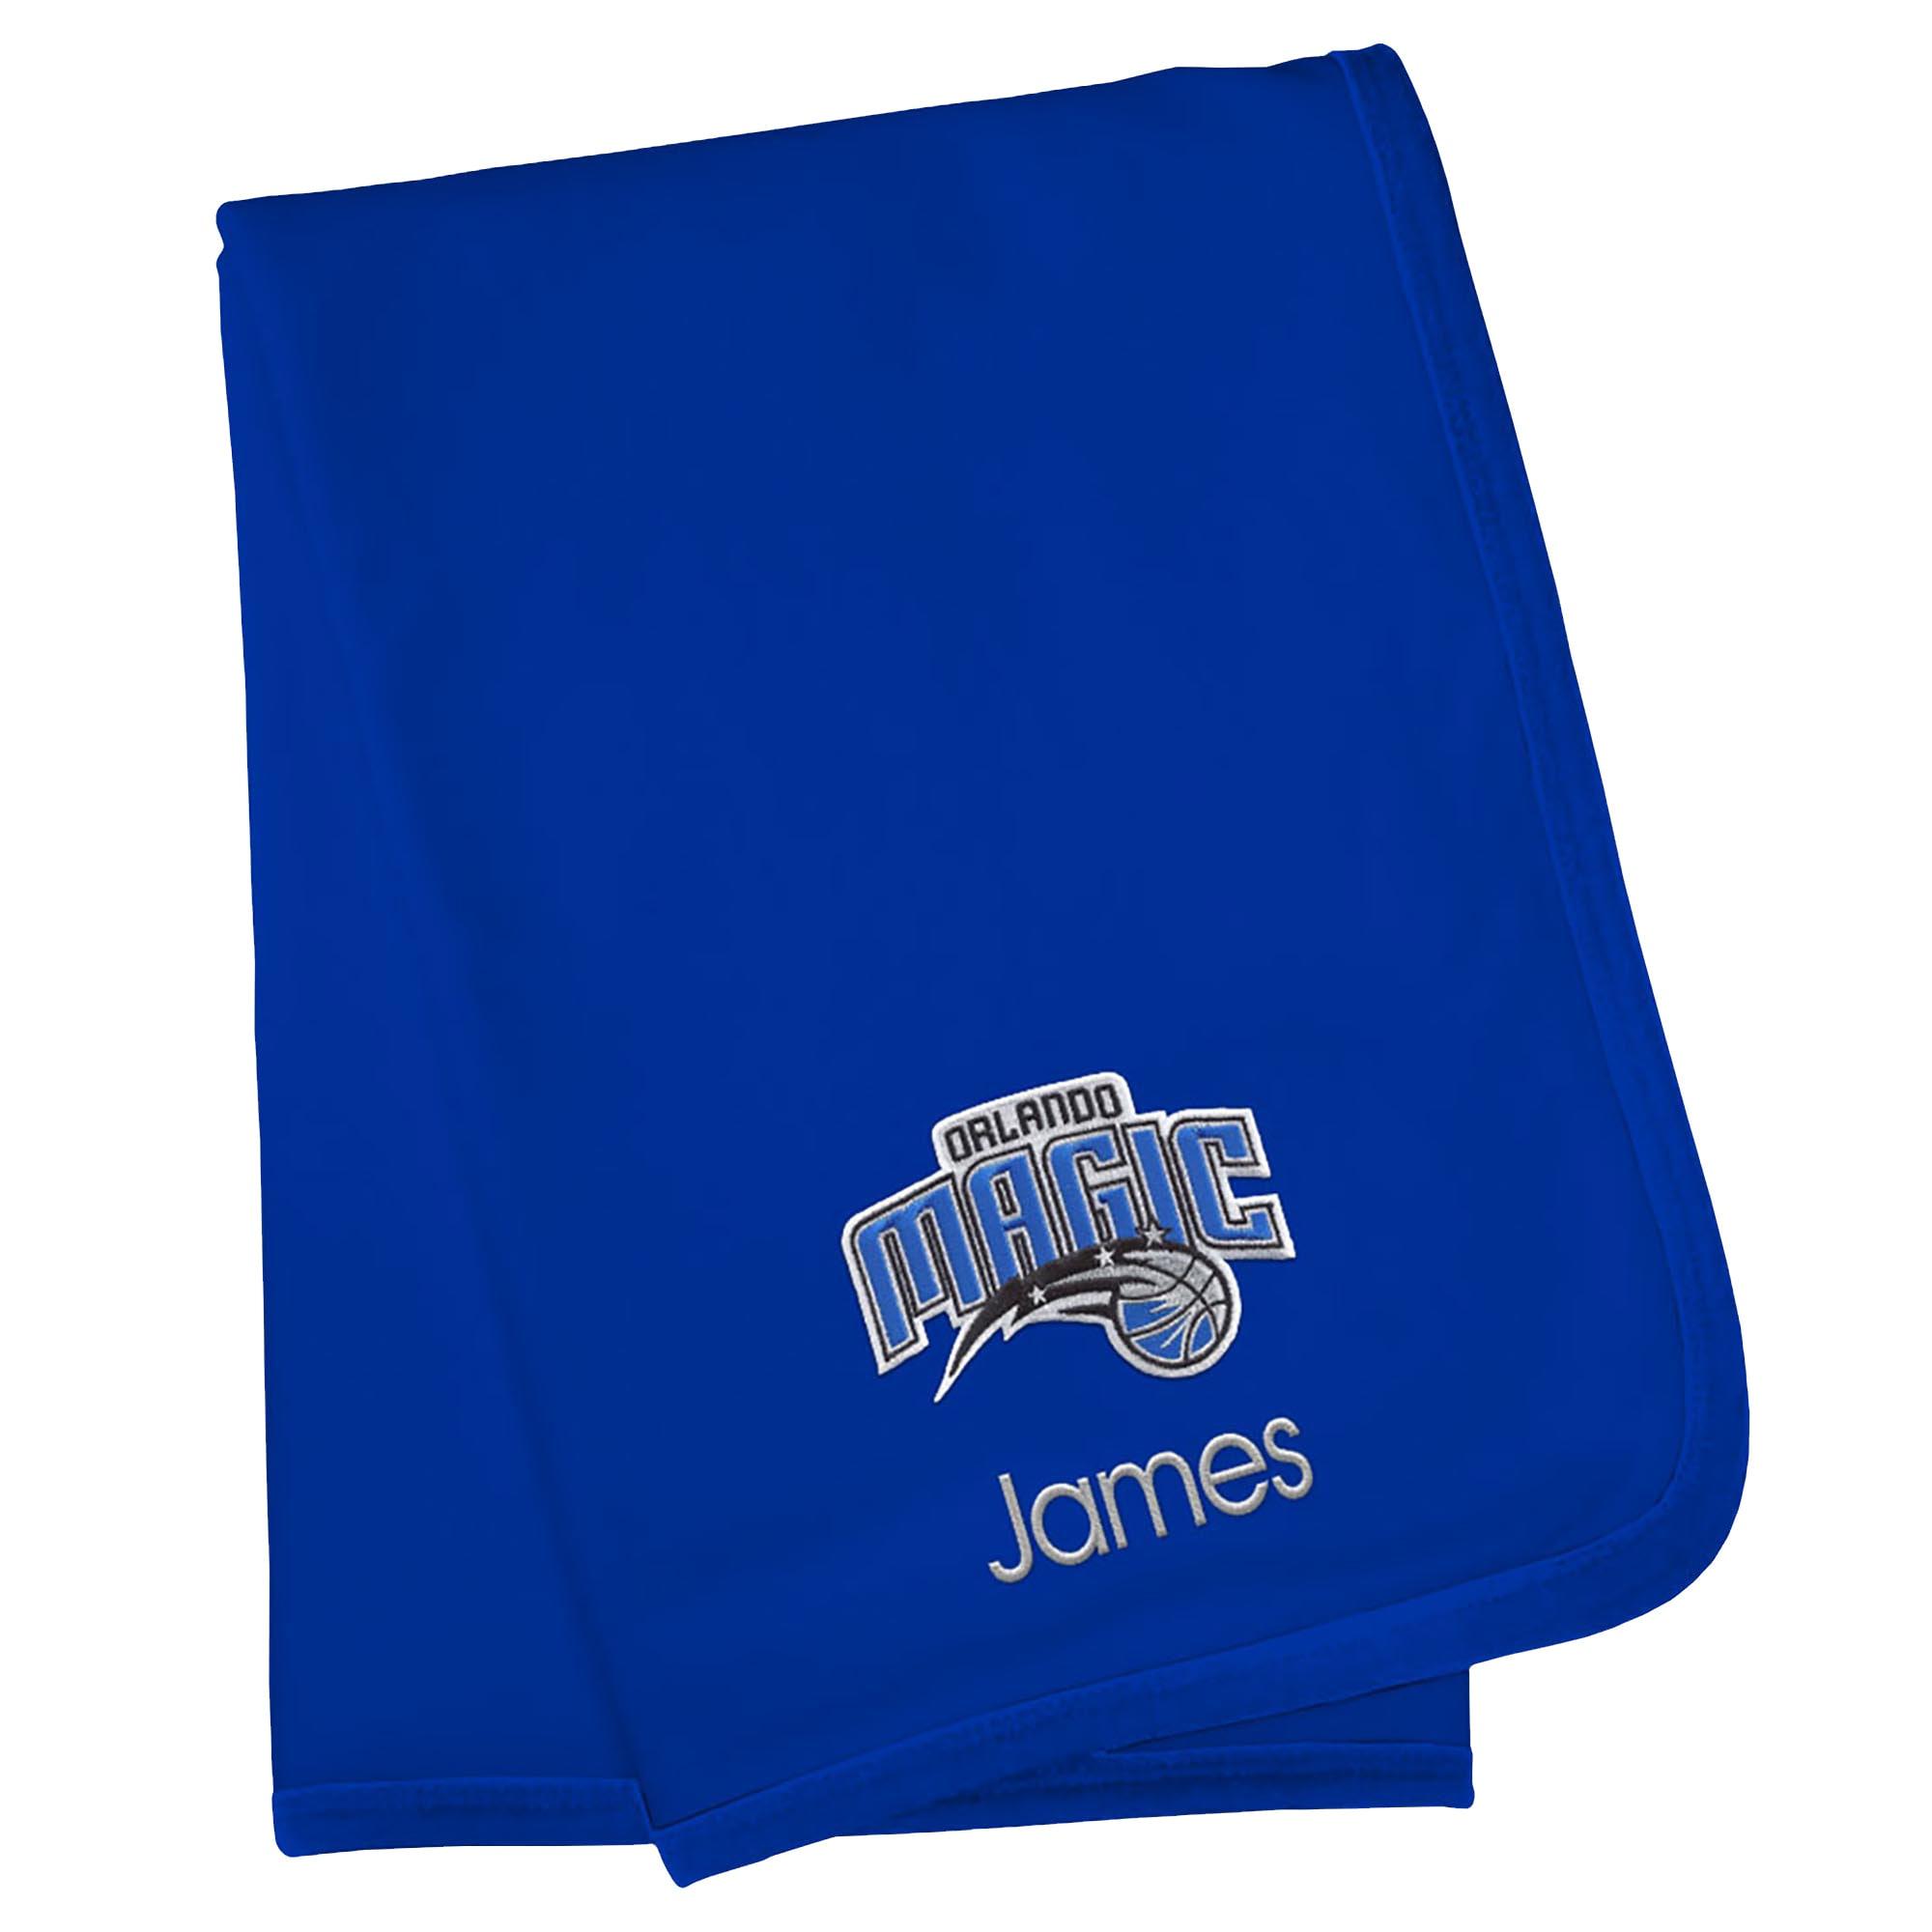 Orlando Magic Infant Personalized Blanket - Royal